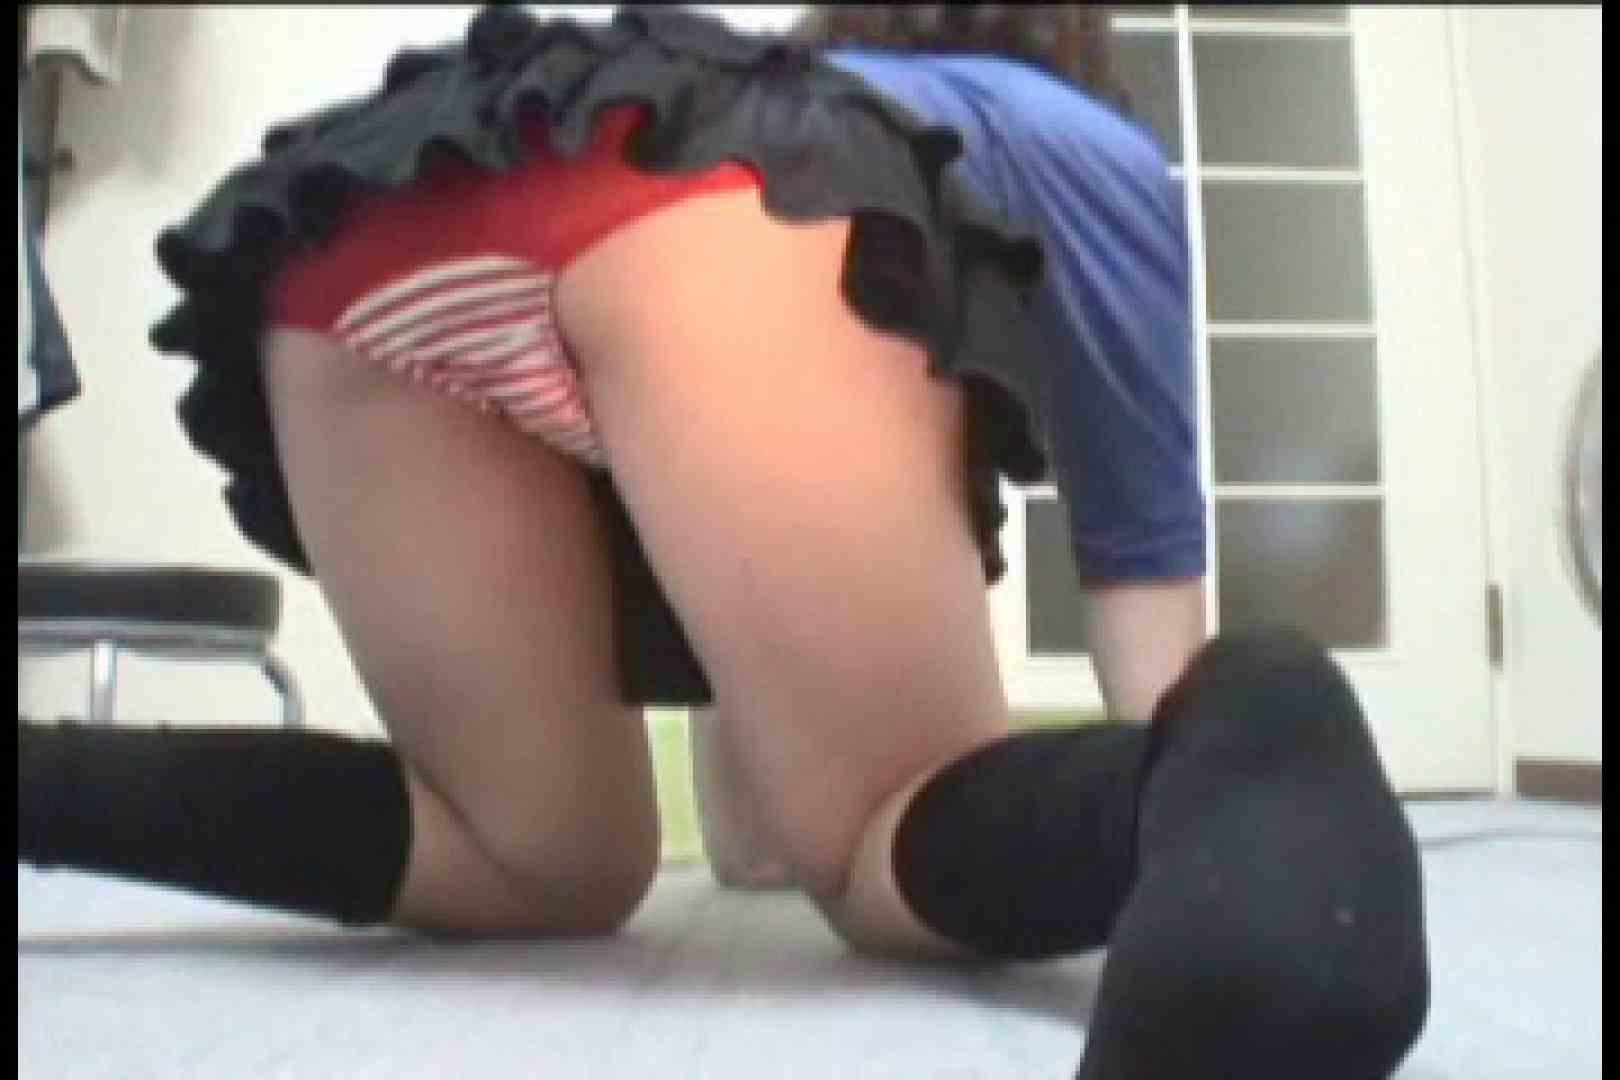 パンツ売りの女の子 けいちゃんvol.1 ぽっちゃり | 手マン  105pic 51